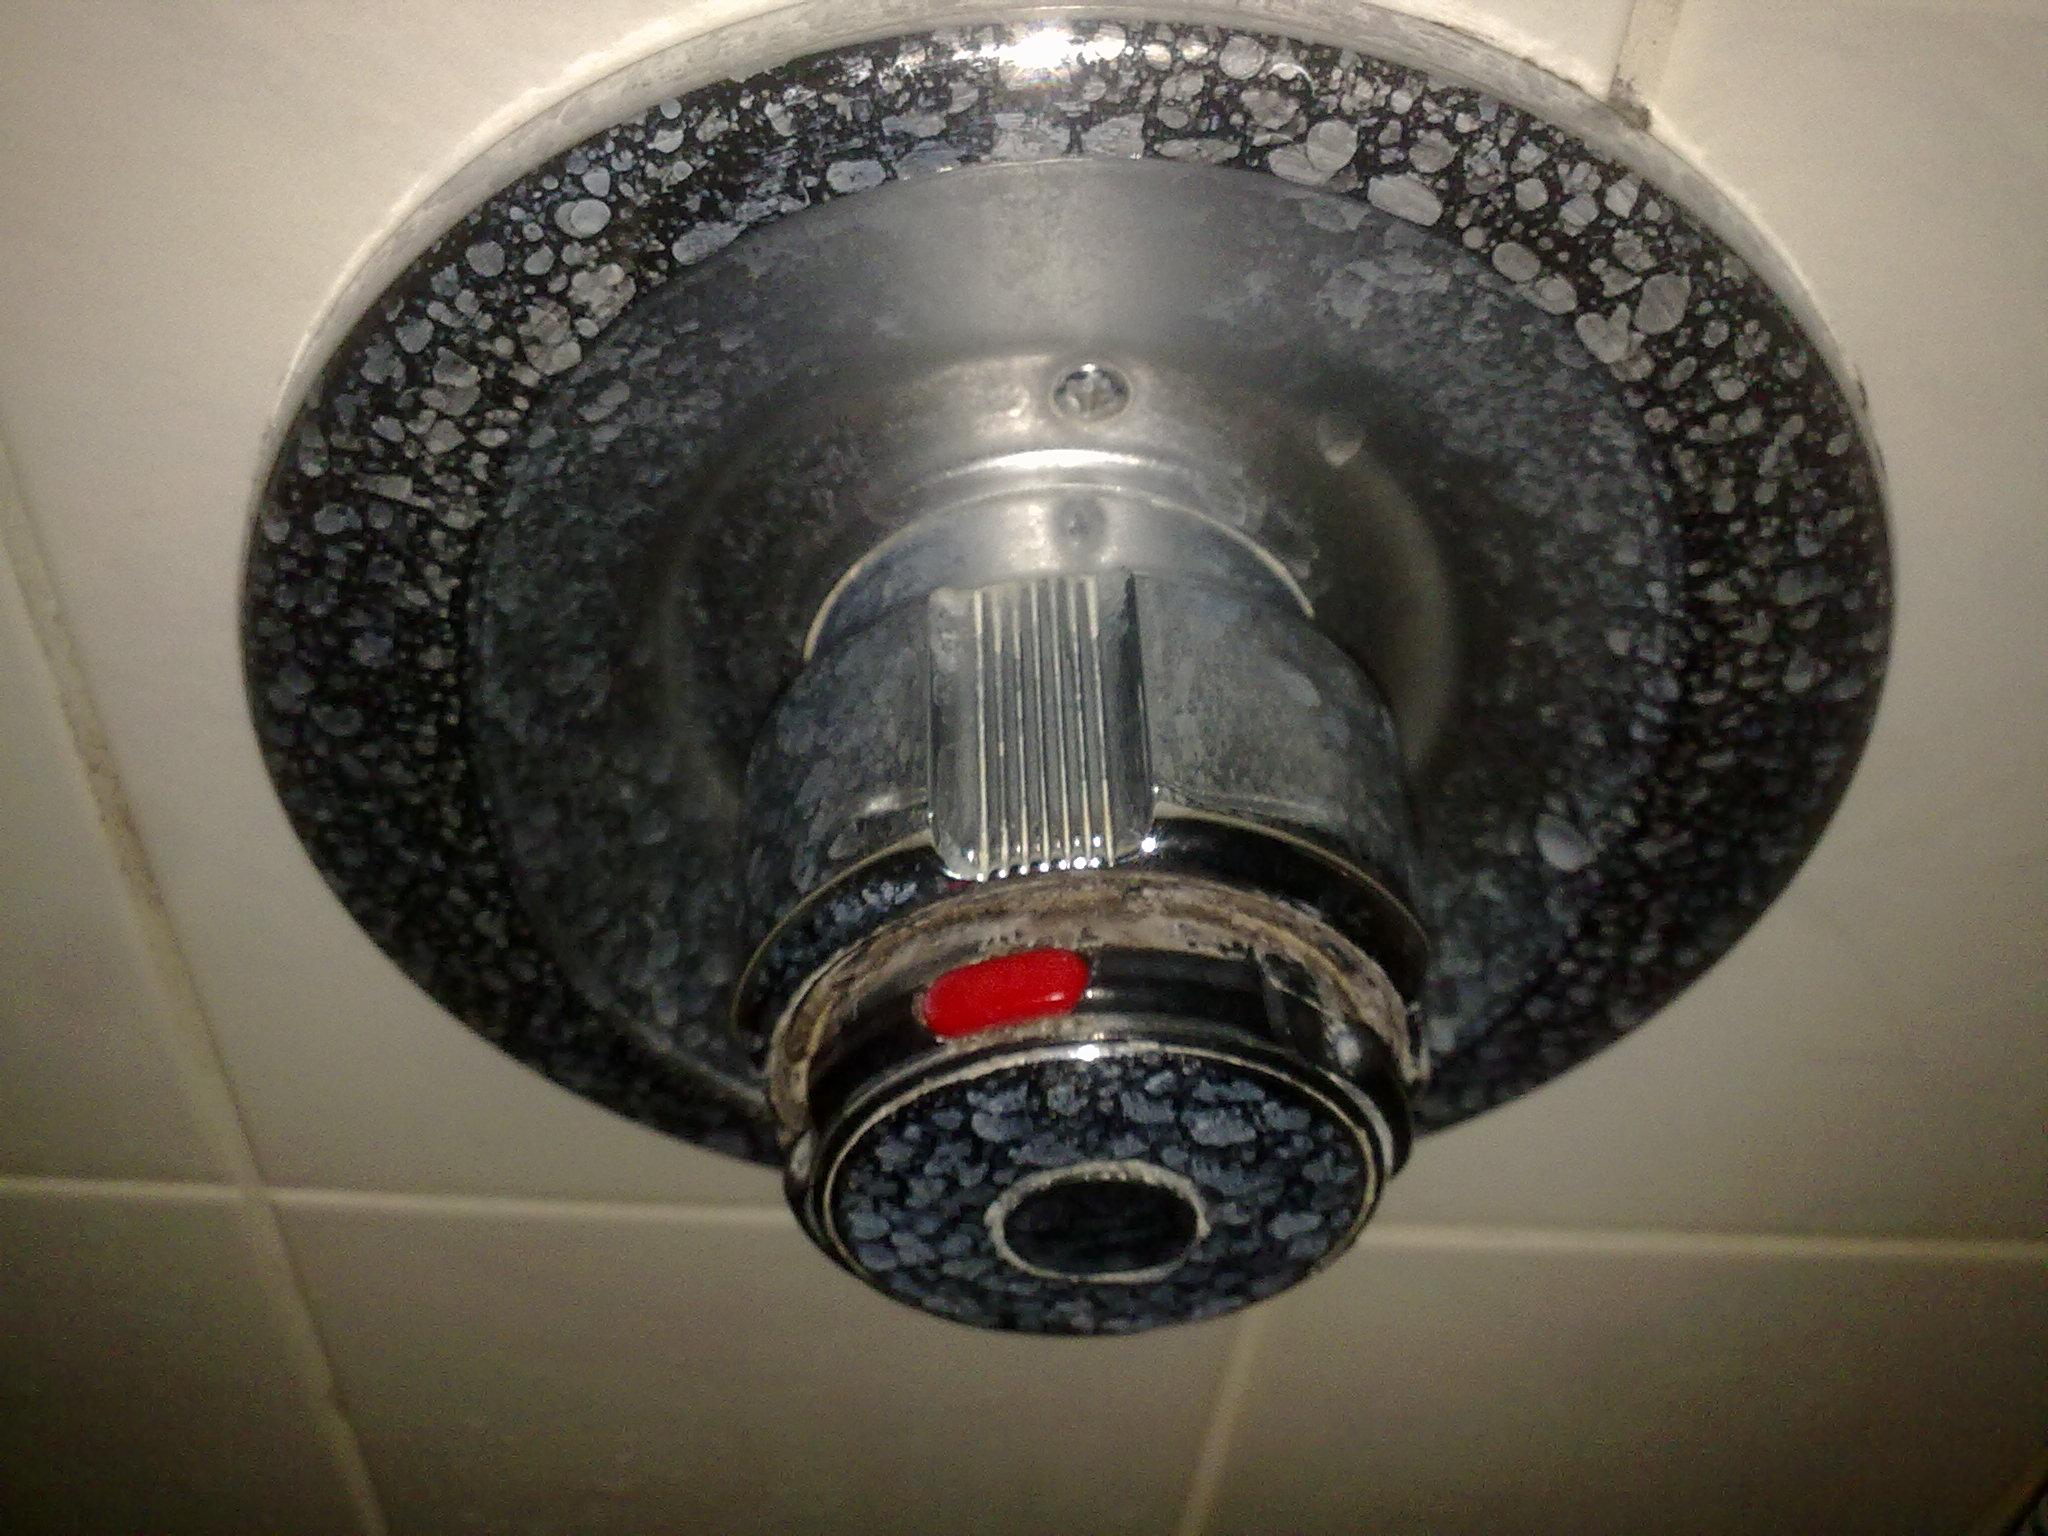 Unterputz Armatur Dusche Excellent Unterputz Armatur Dusche With